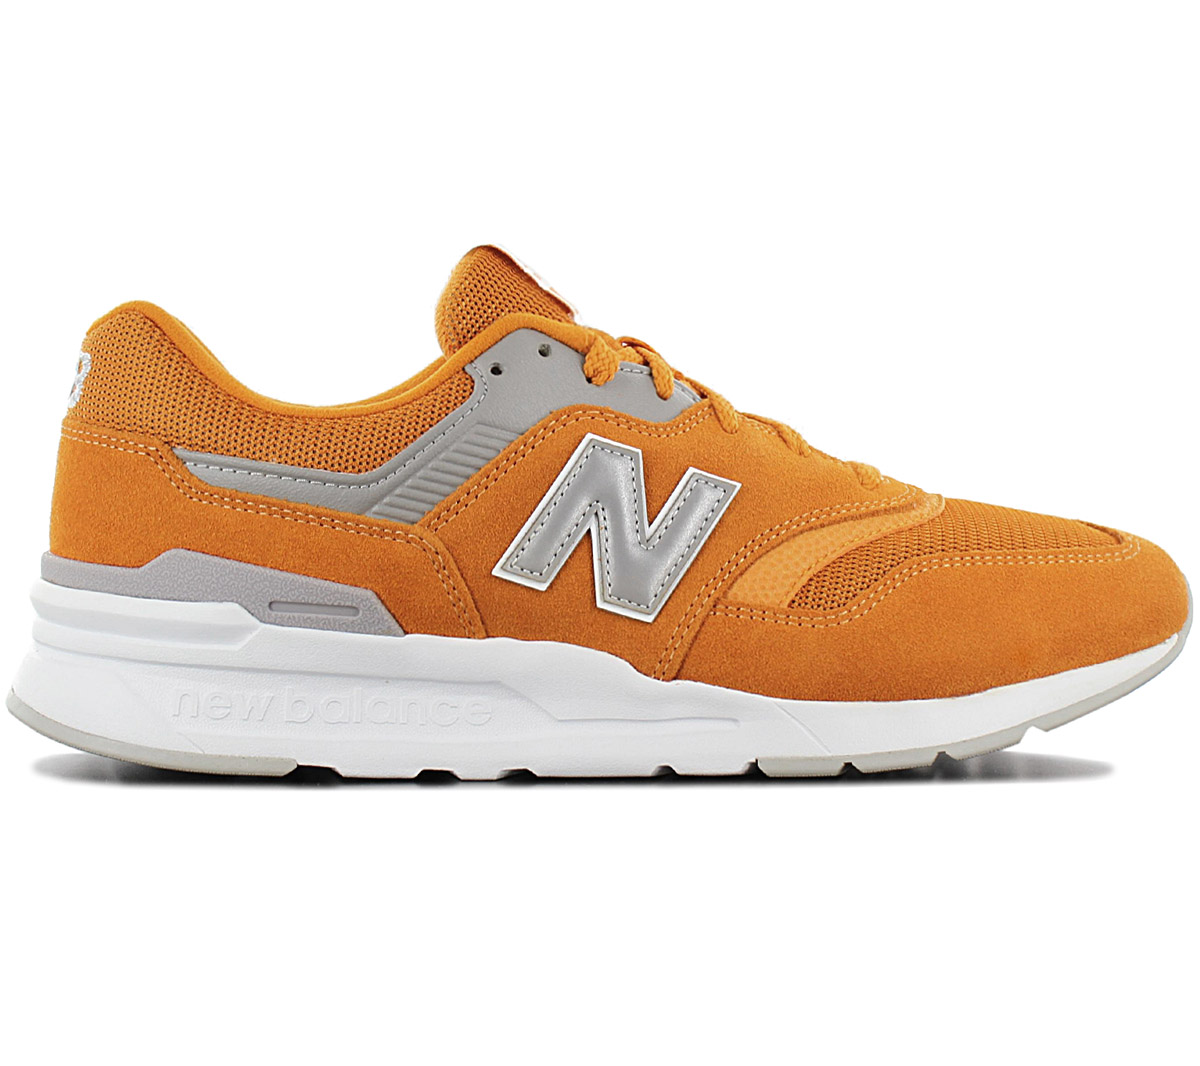 Details about New balance 997 CM997HCF Men's Sneaker Orange Shoes Trainers Sports Shoes CM997